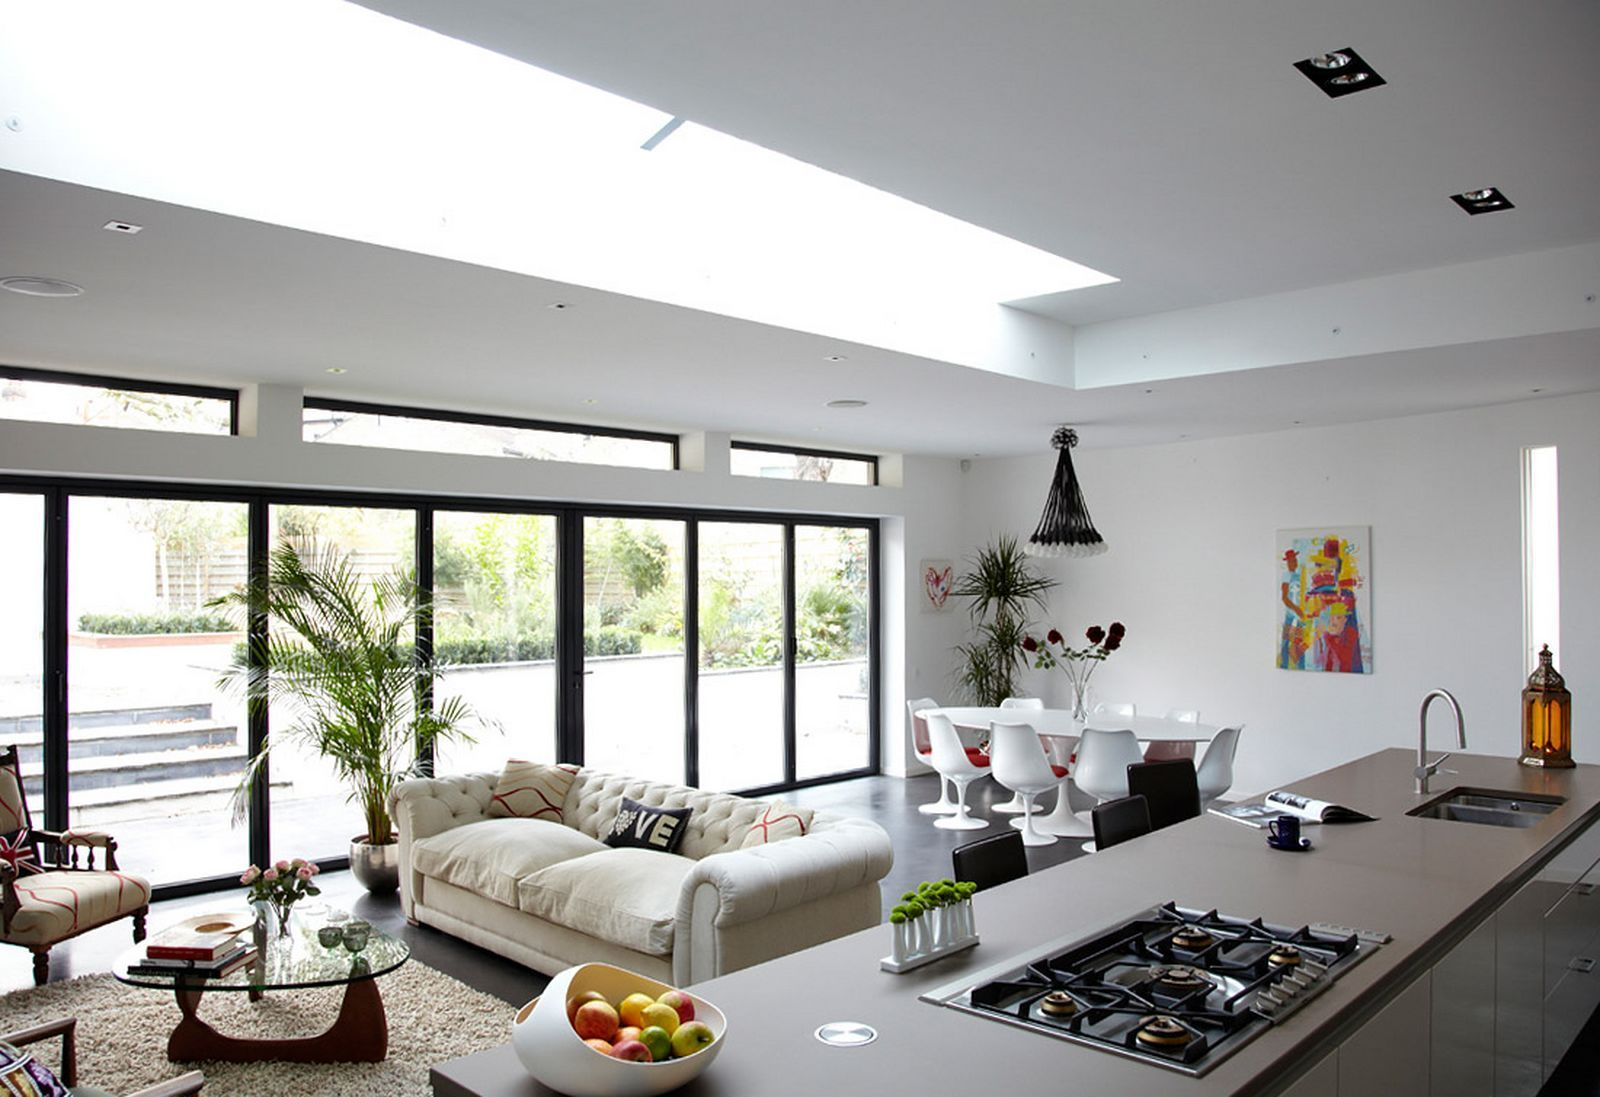 45 modern open concept family playroom home decor ideas https silahsilah com